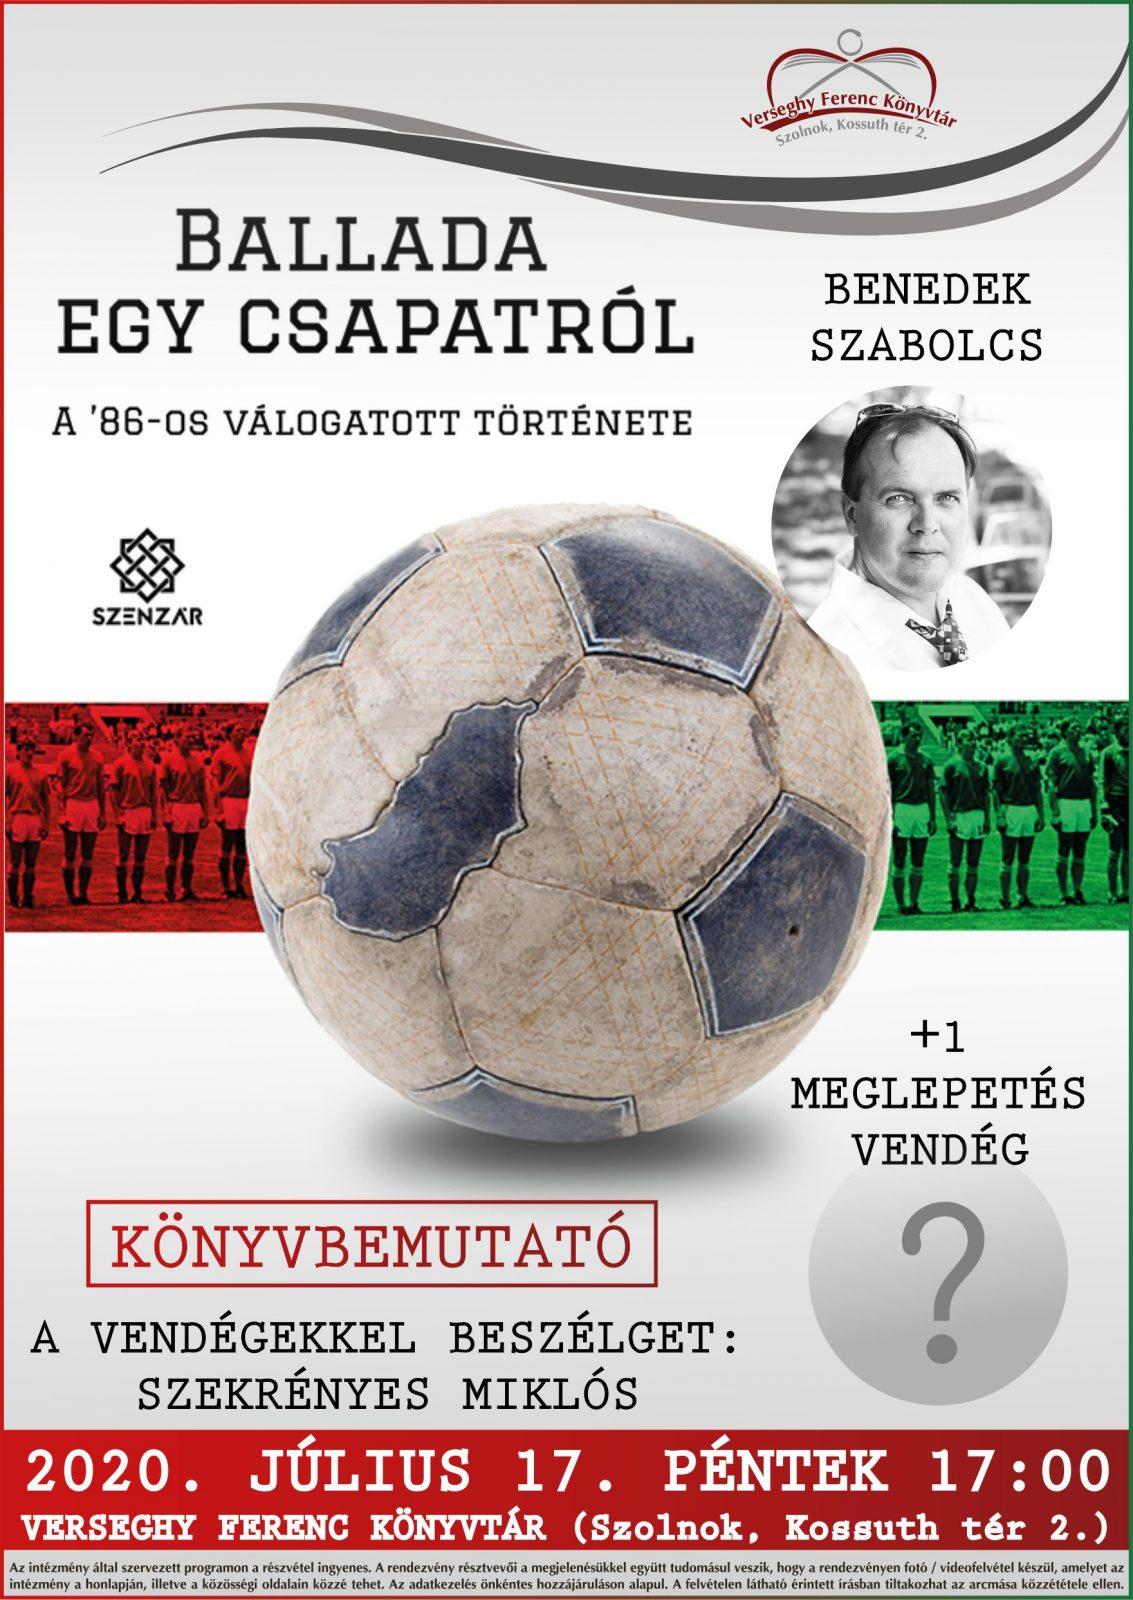 Benedek Szabolcs: Ballada egy csapatról. Könyvbemutató. 2020.07.17. Plakát.